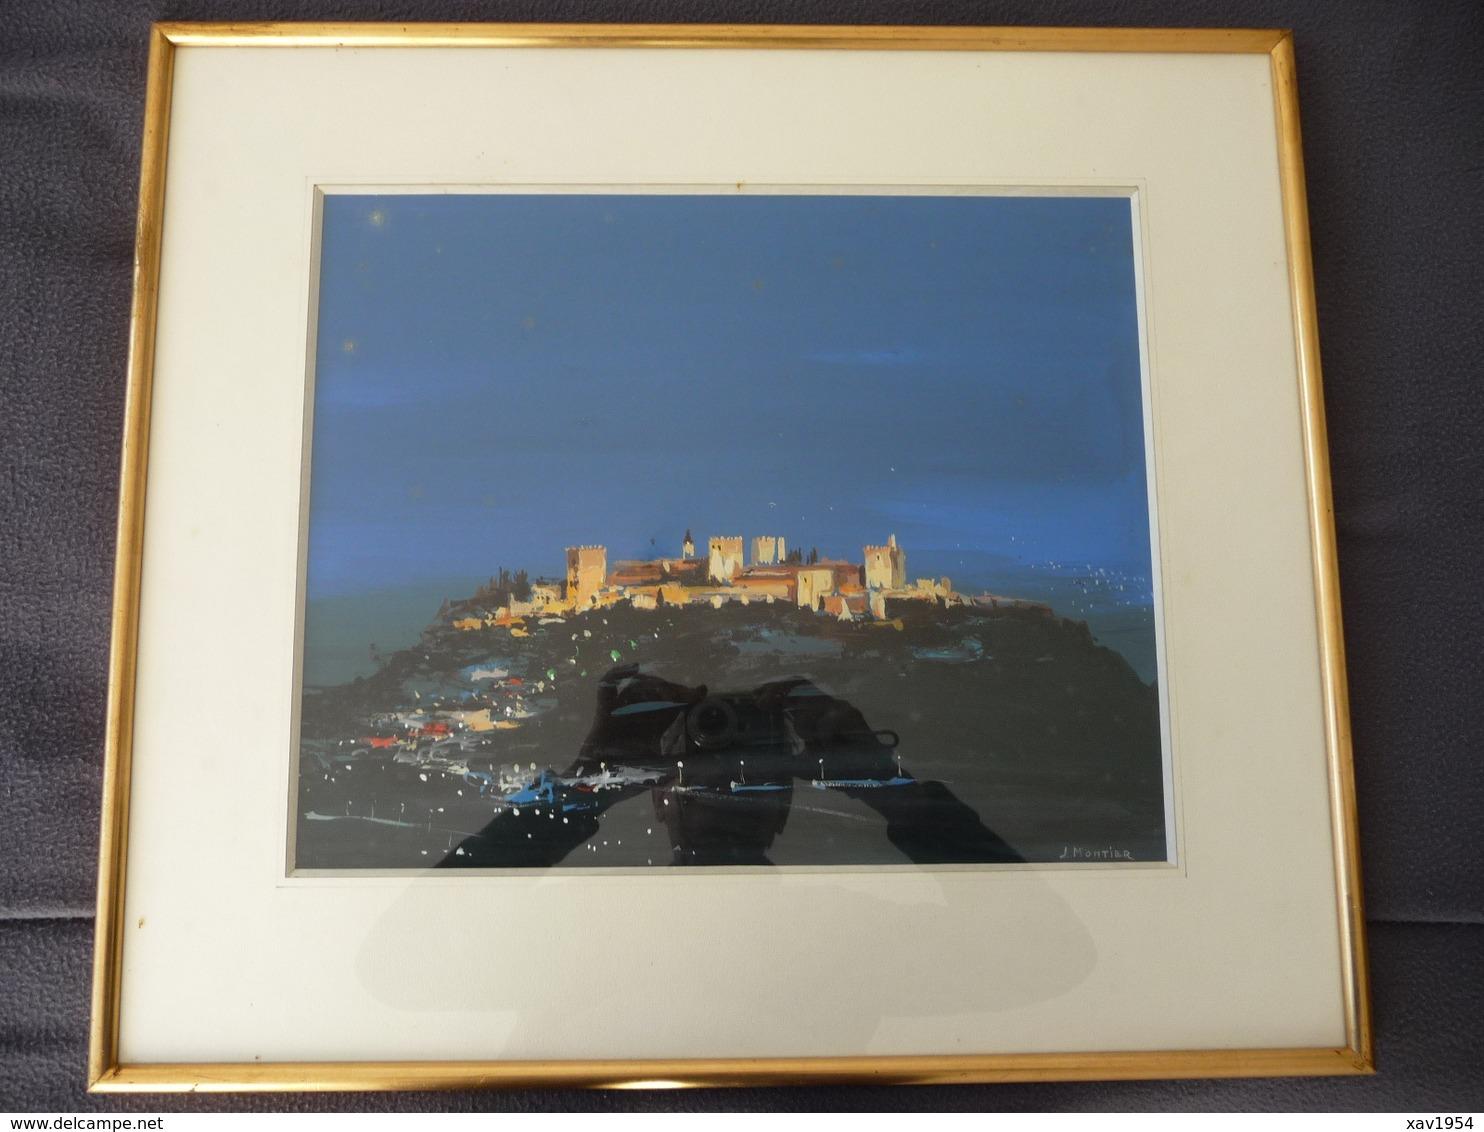 L' ALAMBRA : Oeuvre En Acrylique De L' Architecte & Peintre JEAN MONTIER( 1911/1992) - Acryliques